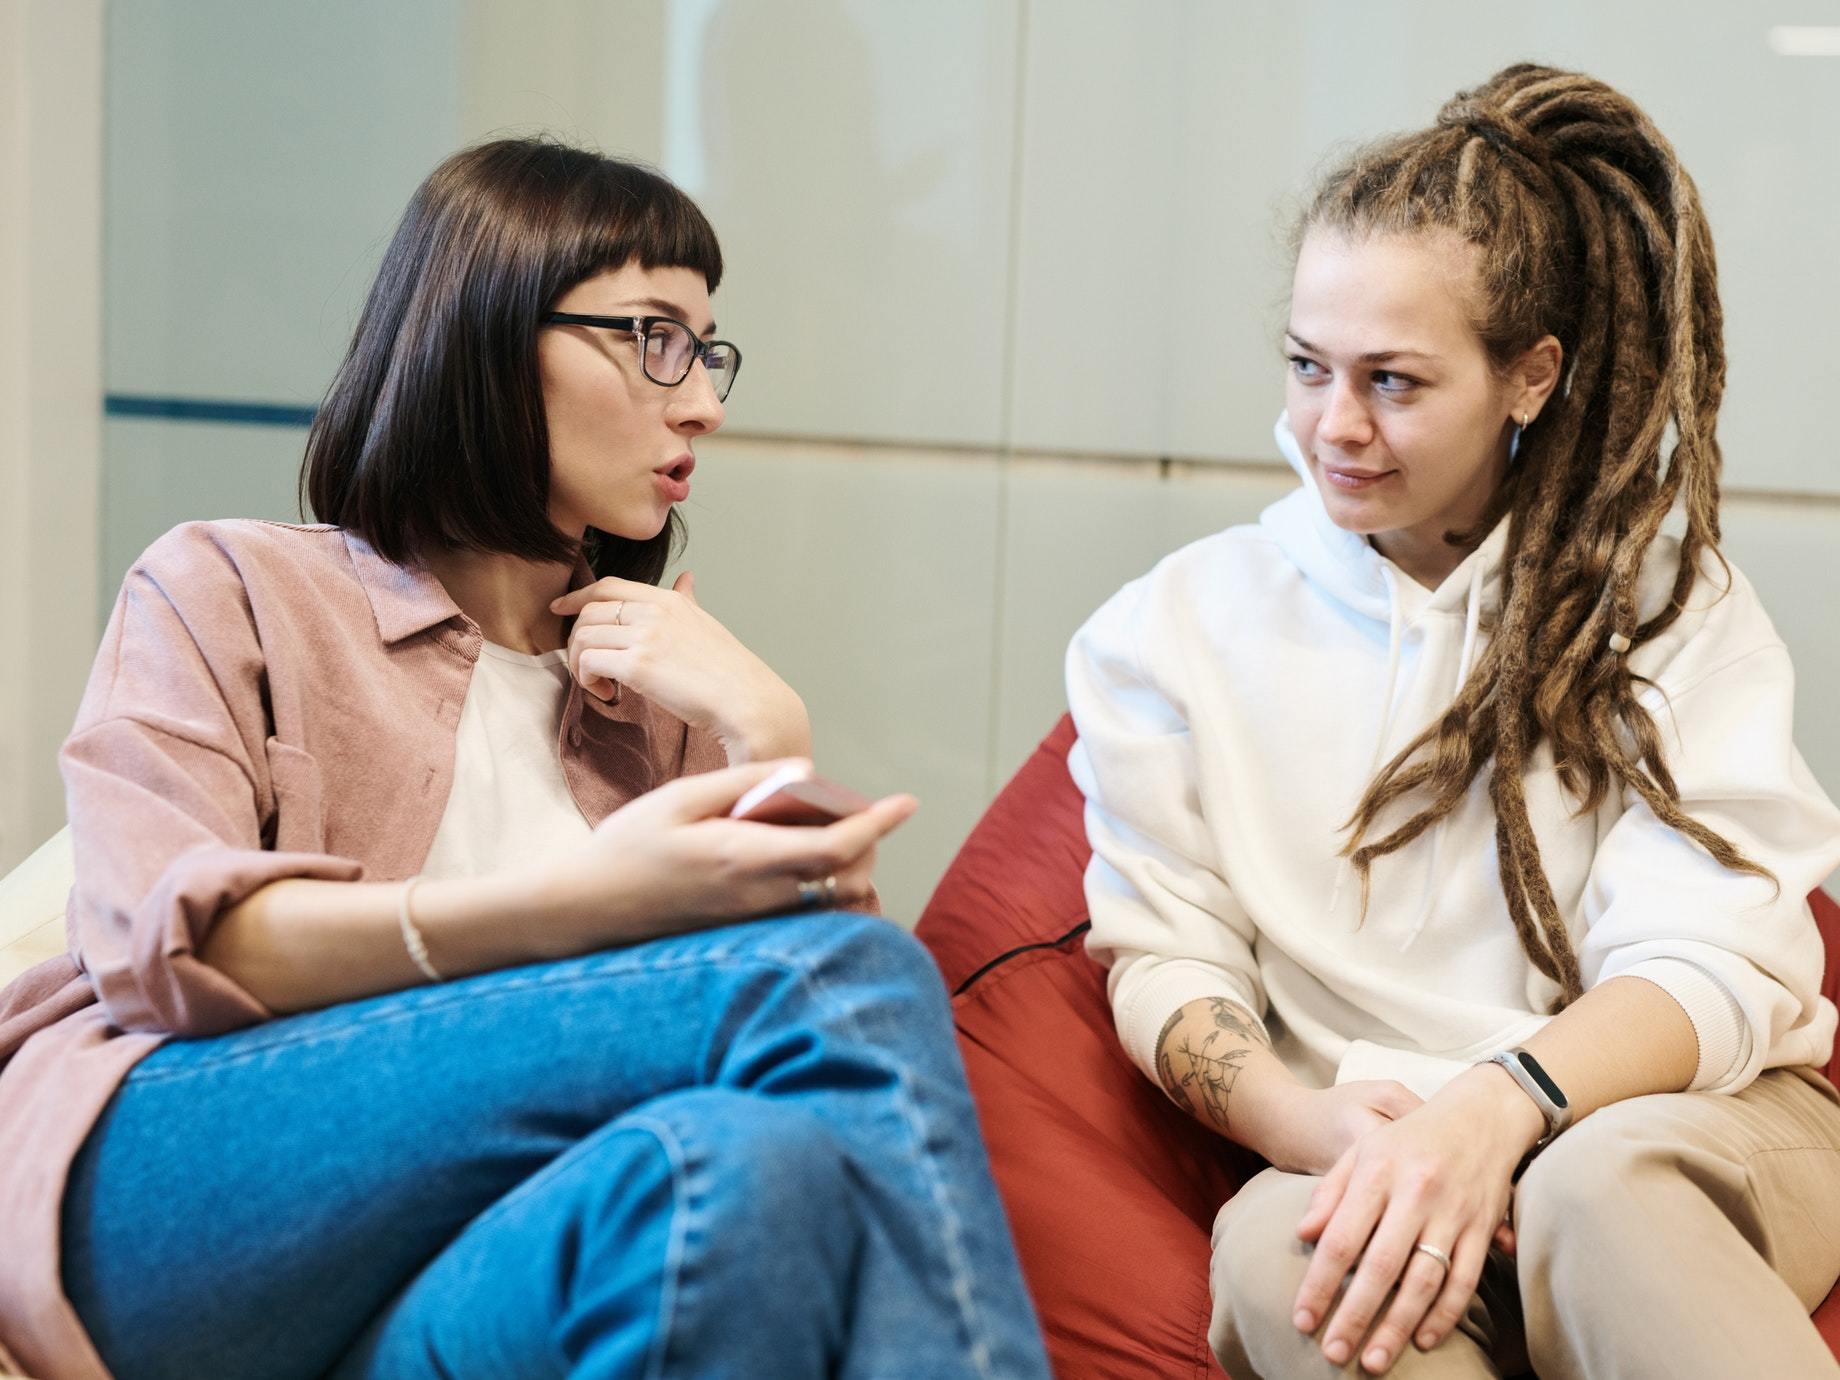 同事互動只剩瞎聊?5個原因告訴你,有意義的對話很重要!